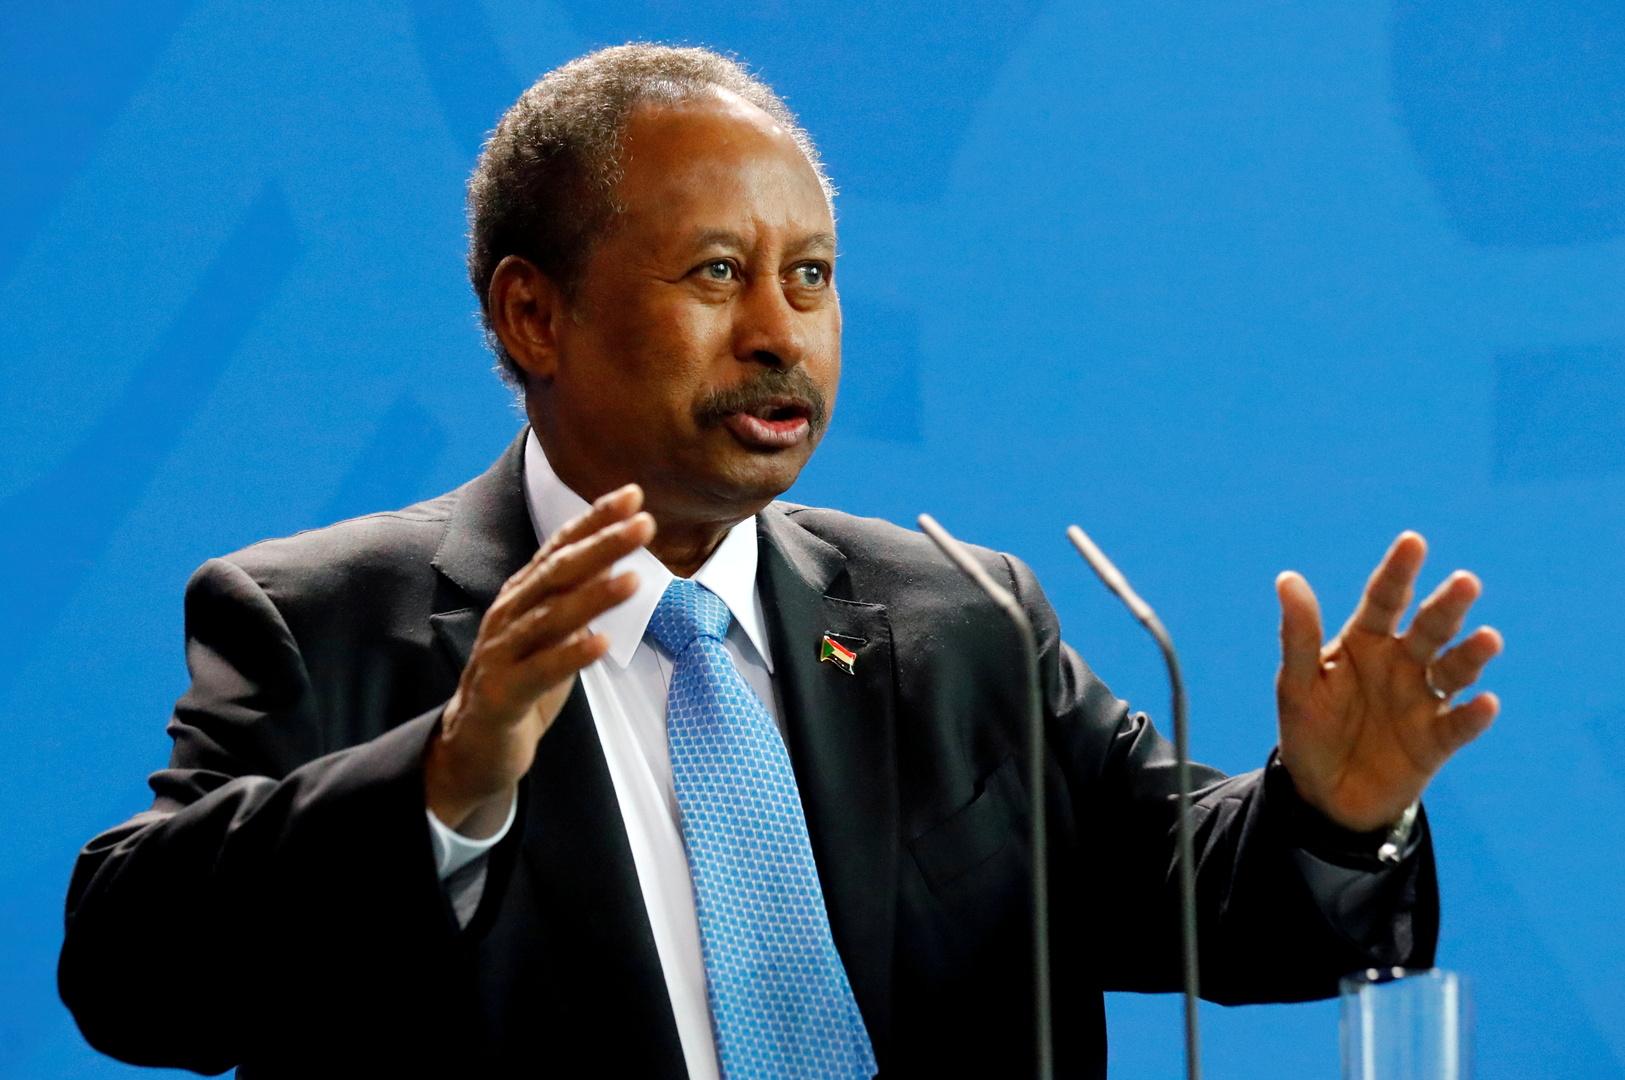 السودان.. حمدوك يطرح مبادرة حول الأزمة الوطنية وقضايا الانتقال الديمقراطي